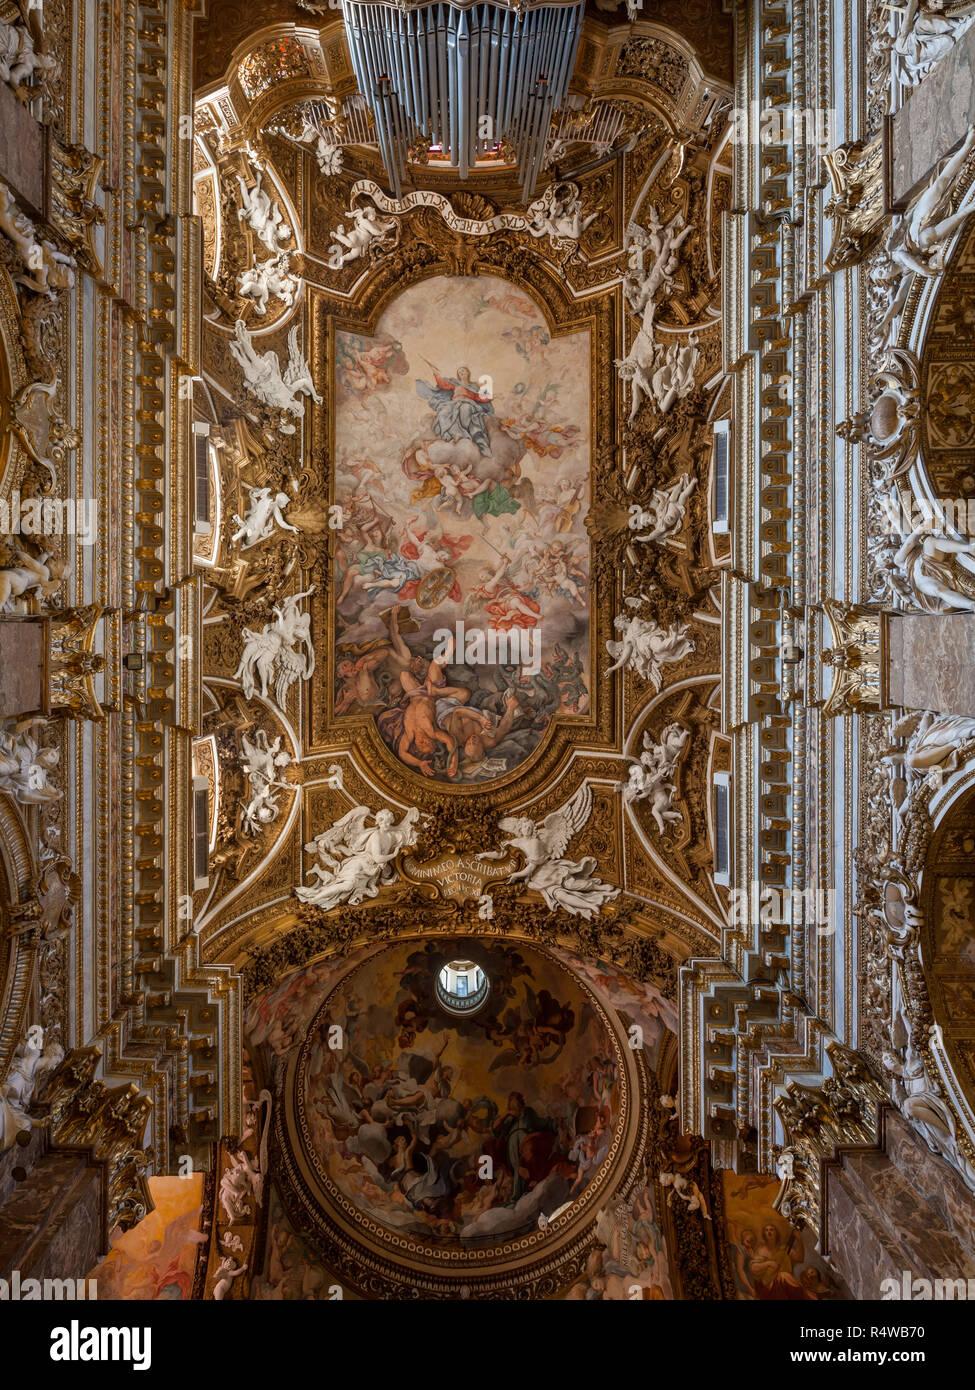 Santa Maria della Vittoria vault & dome, Rome, Italy - Stock Image